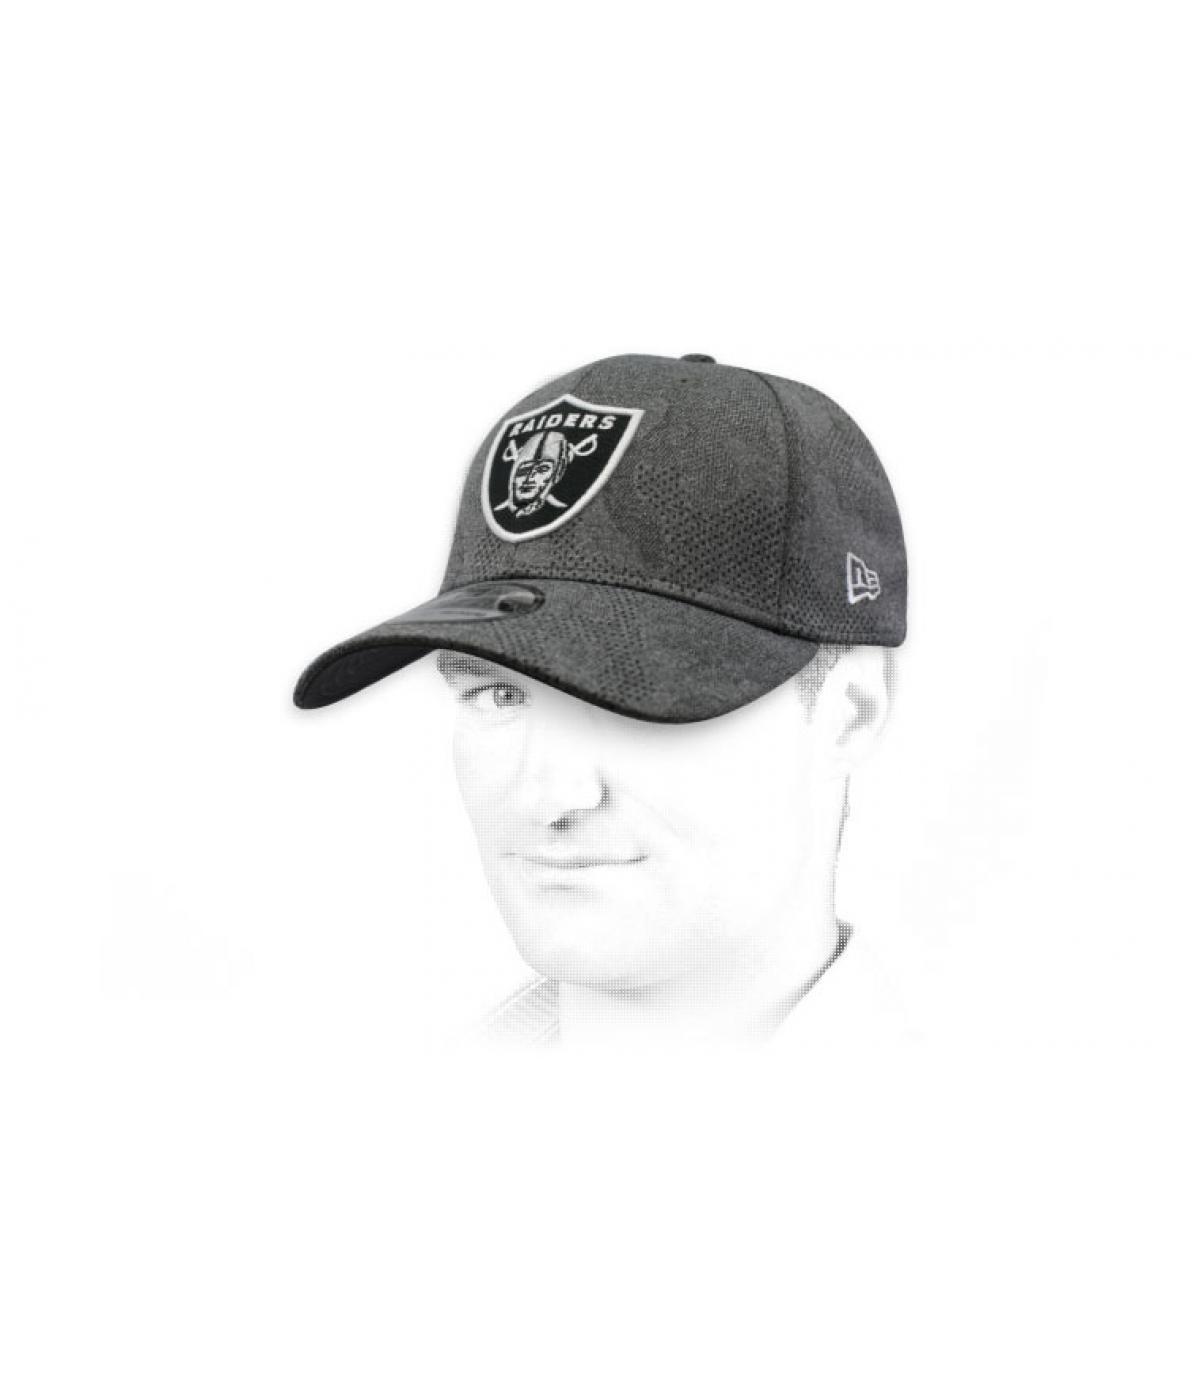 berretto Raiders nero grigio